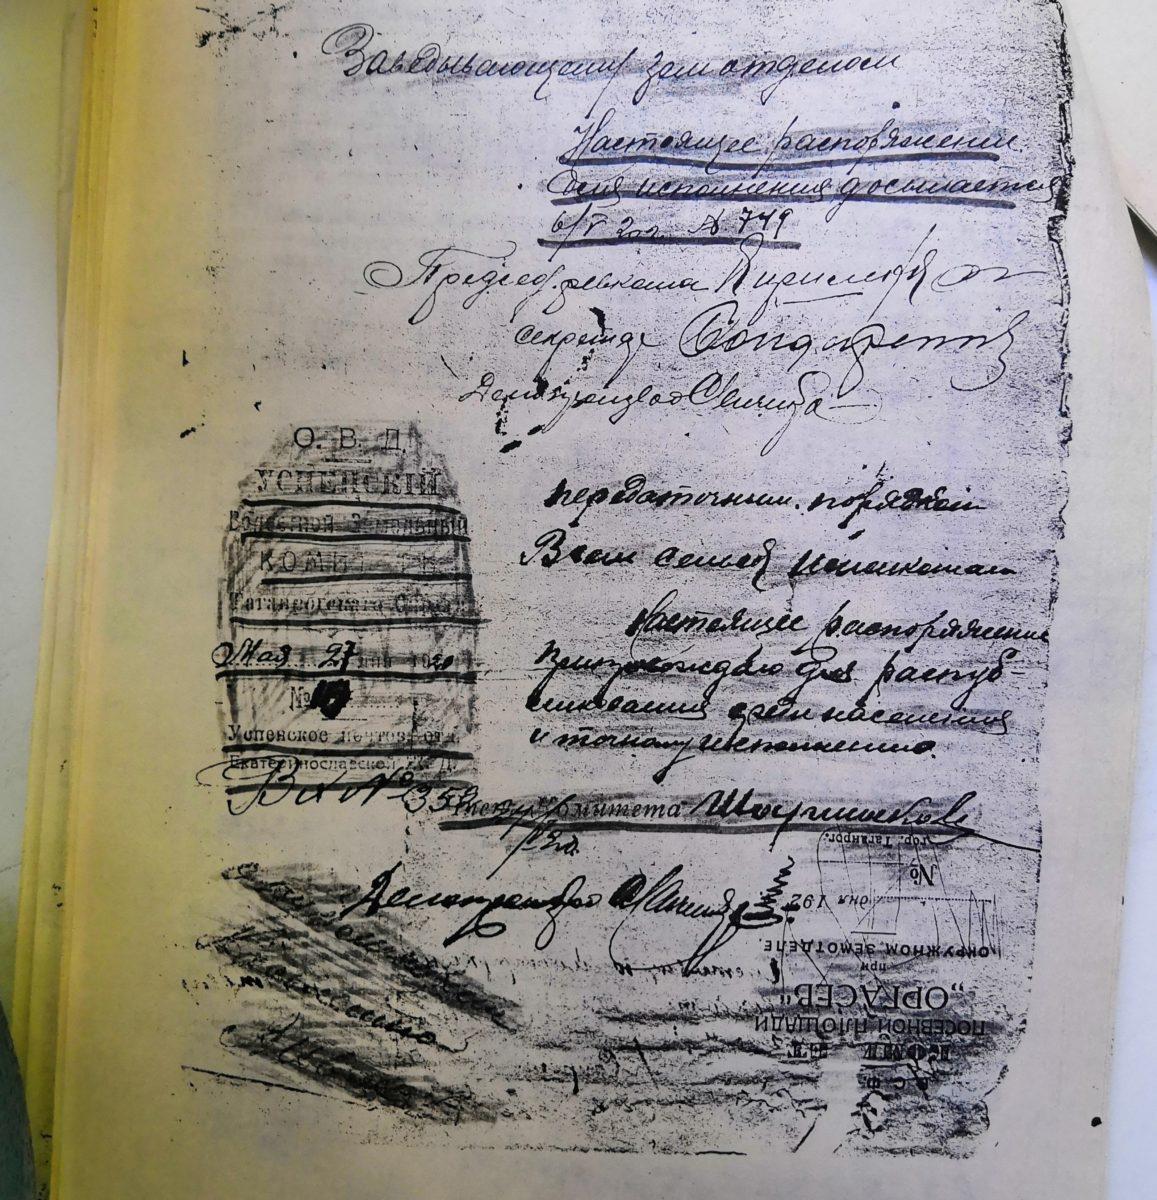 Вредные советы по генеалогии в картинках: Когда не хватало бумаги, то переписку вели на одном и том же документе. Ведите свои записи по истории семьи точно также.